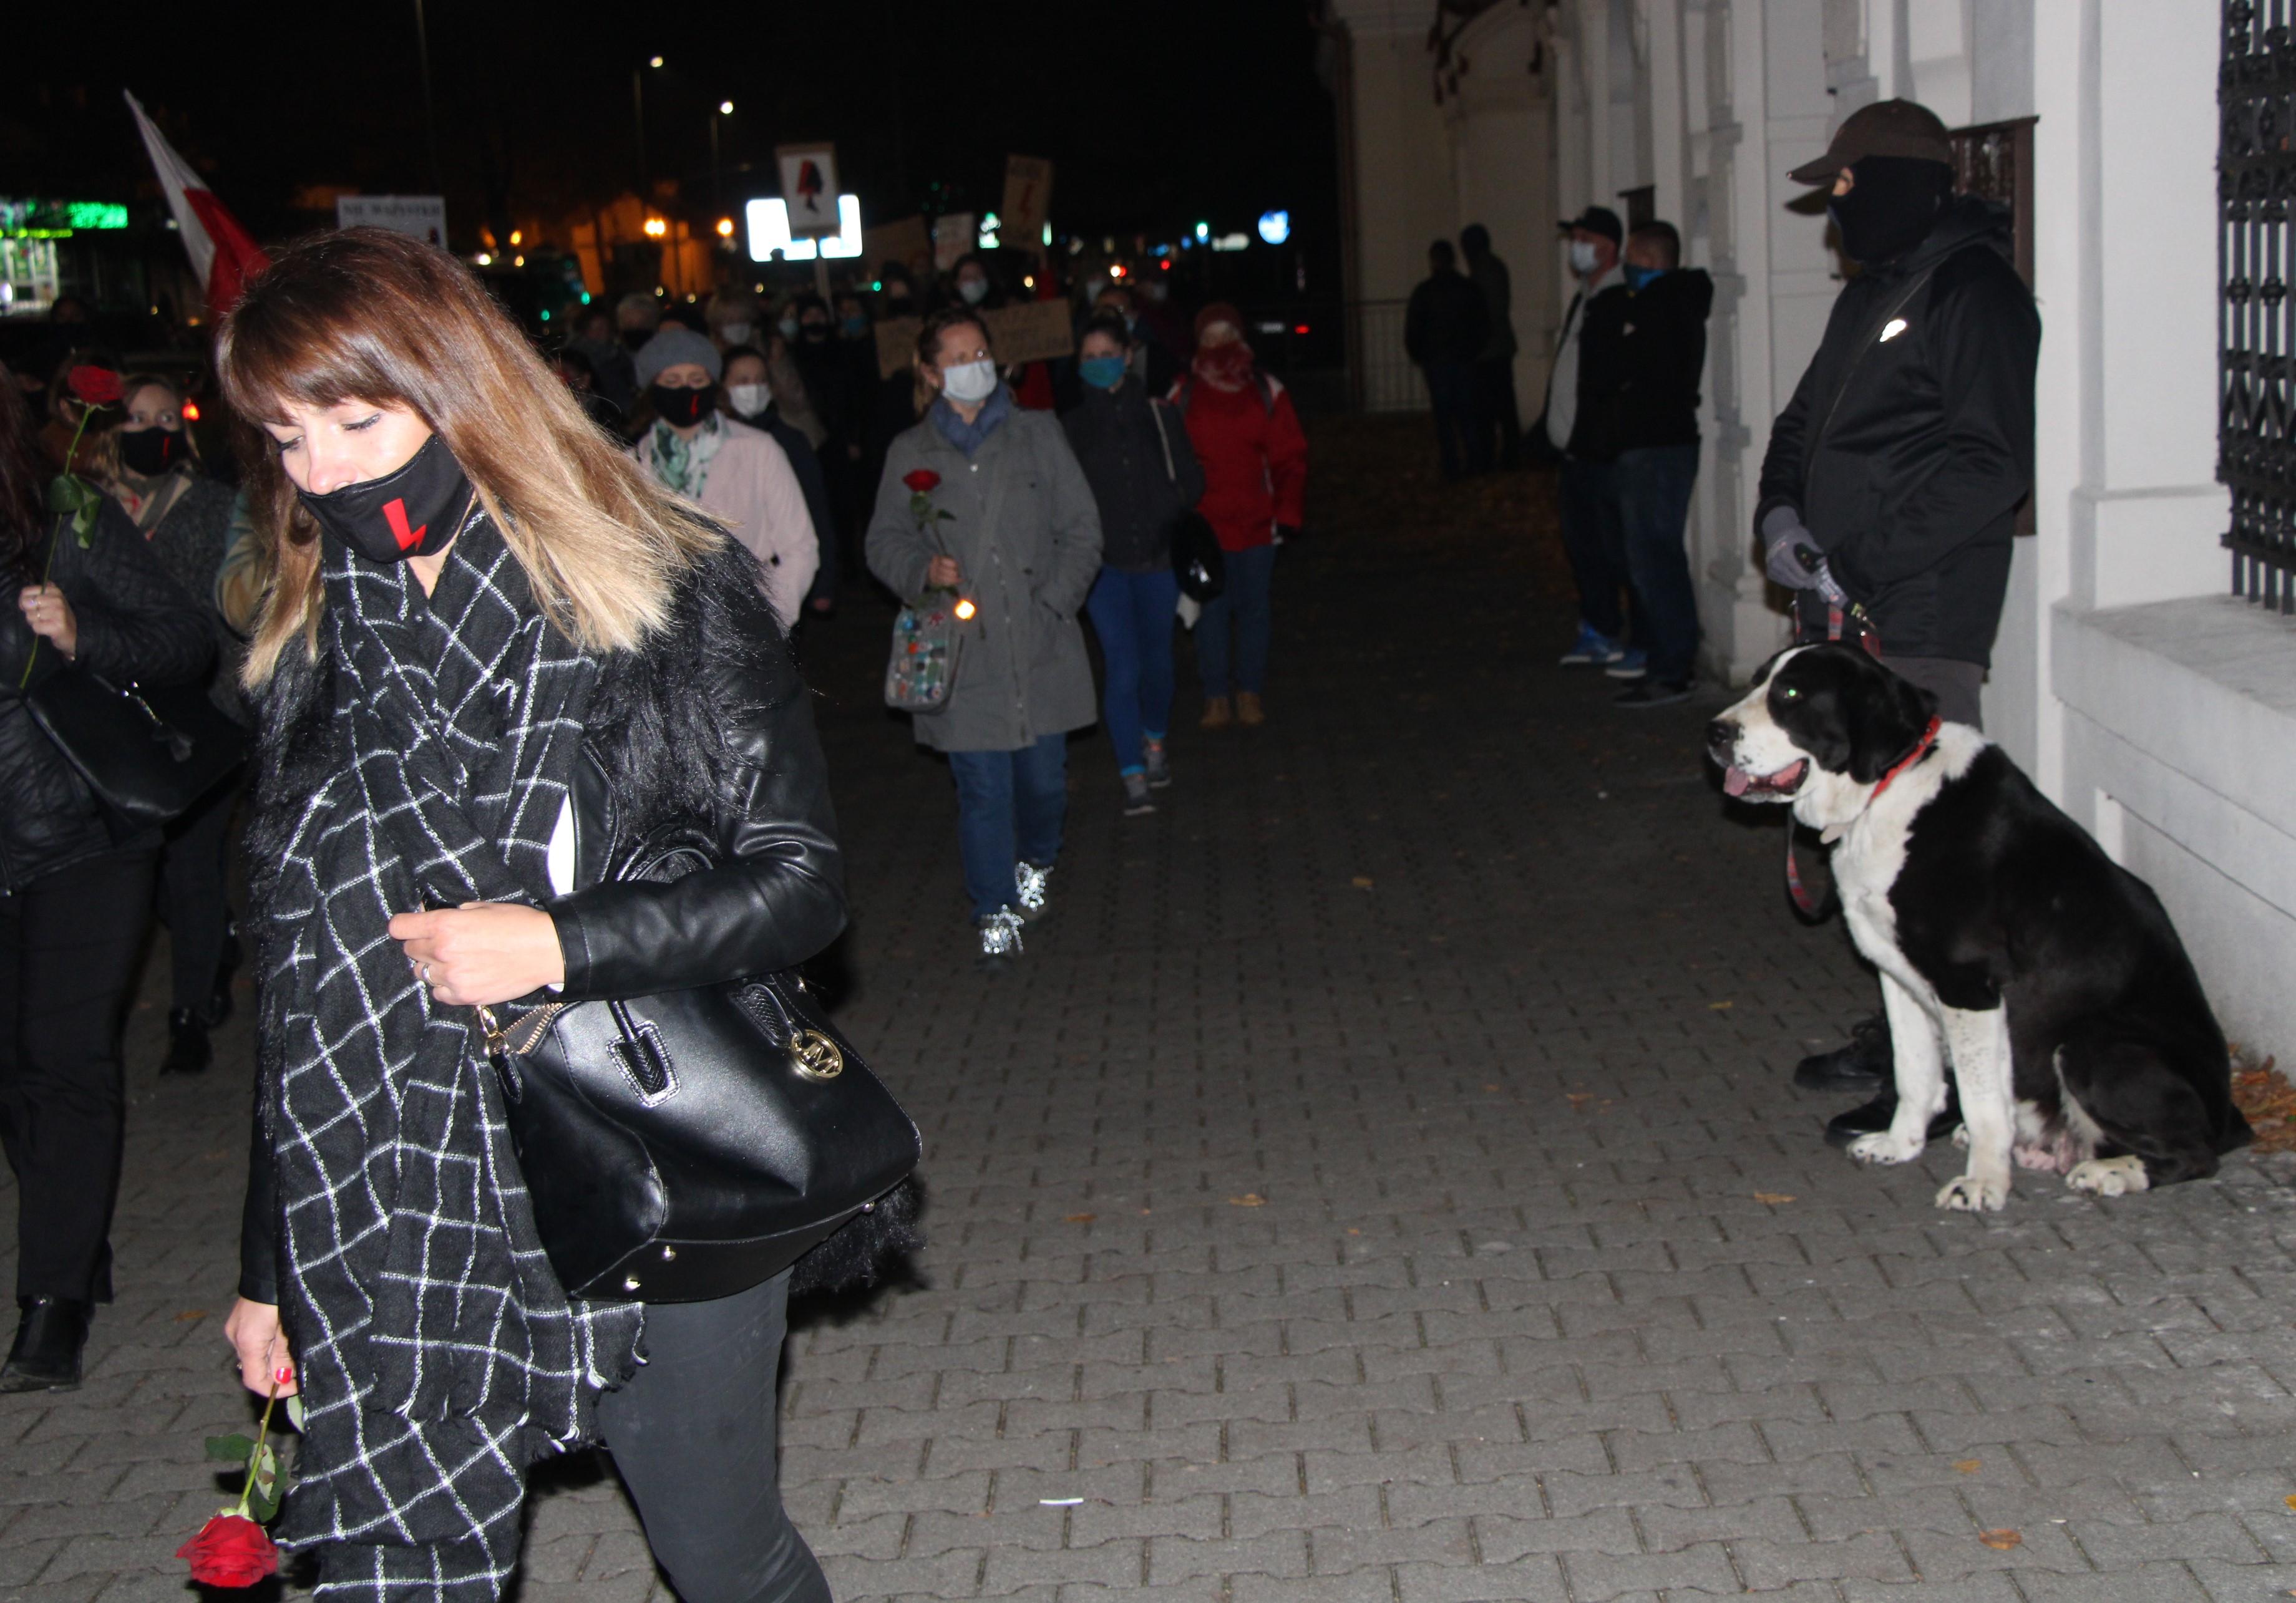 Strażnicy z psem pilnowali kościoła św. Anny. Protest w Lubartowie przeszedł spokojnie - Zdjęcie główne